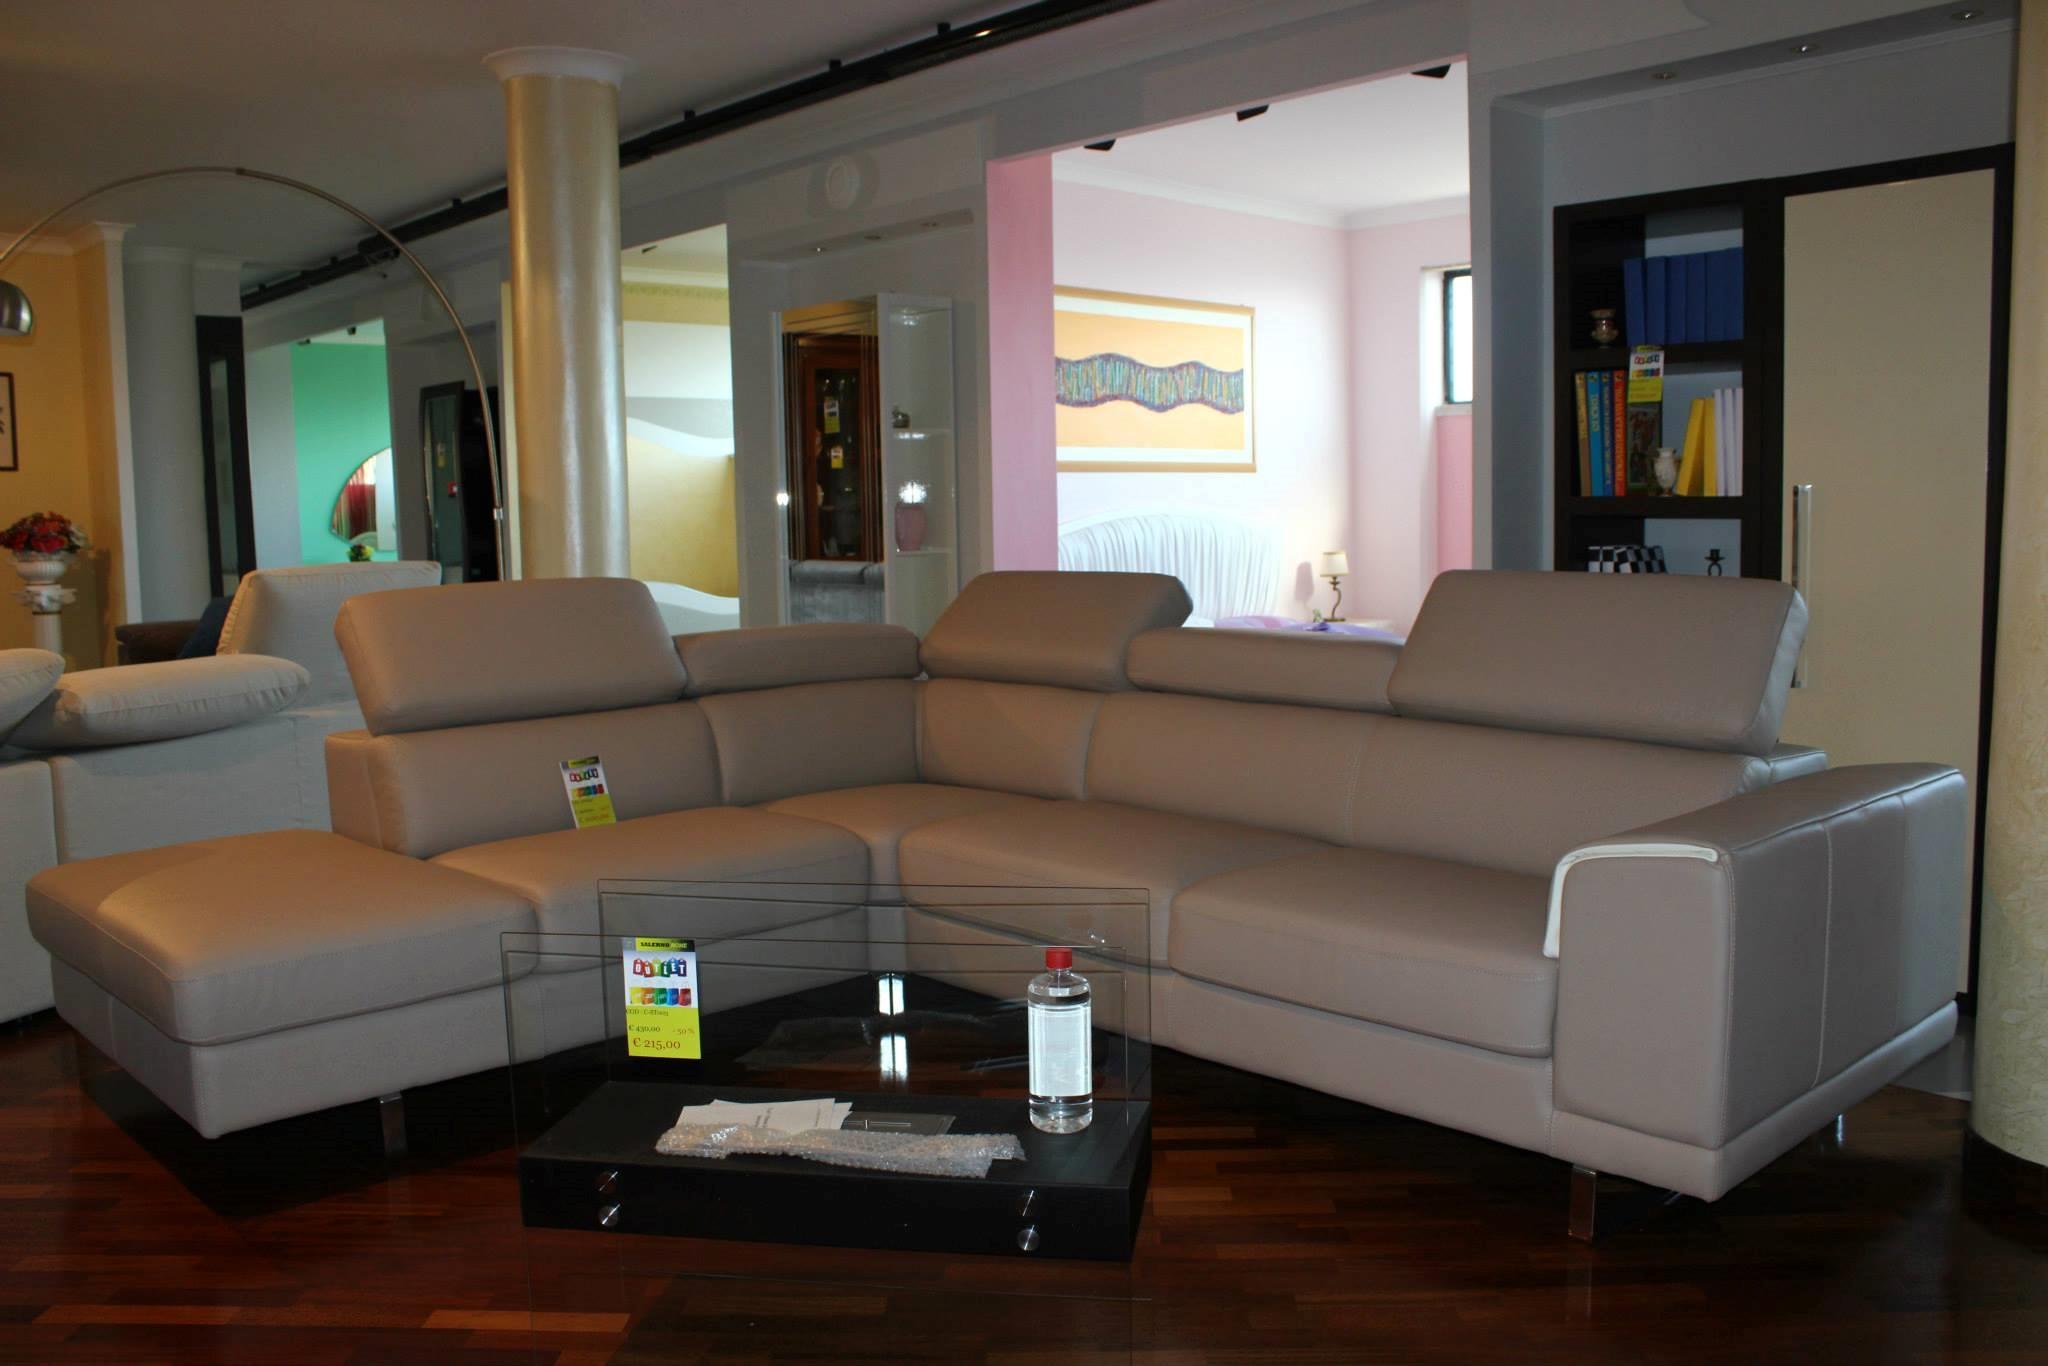 Divano pbl vento scontato del 53 divani a prezzi scontati - Outlet del divano varedo ...